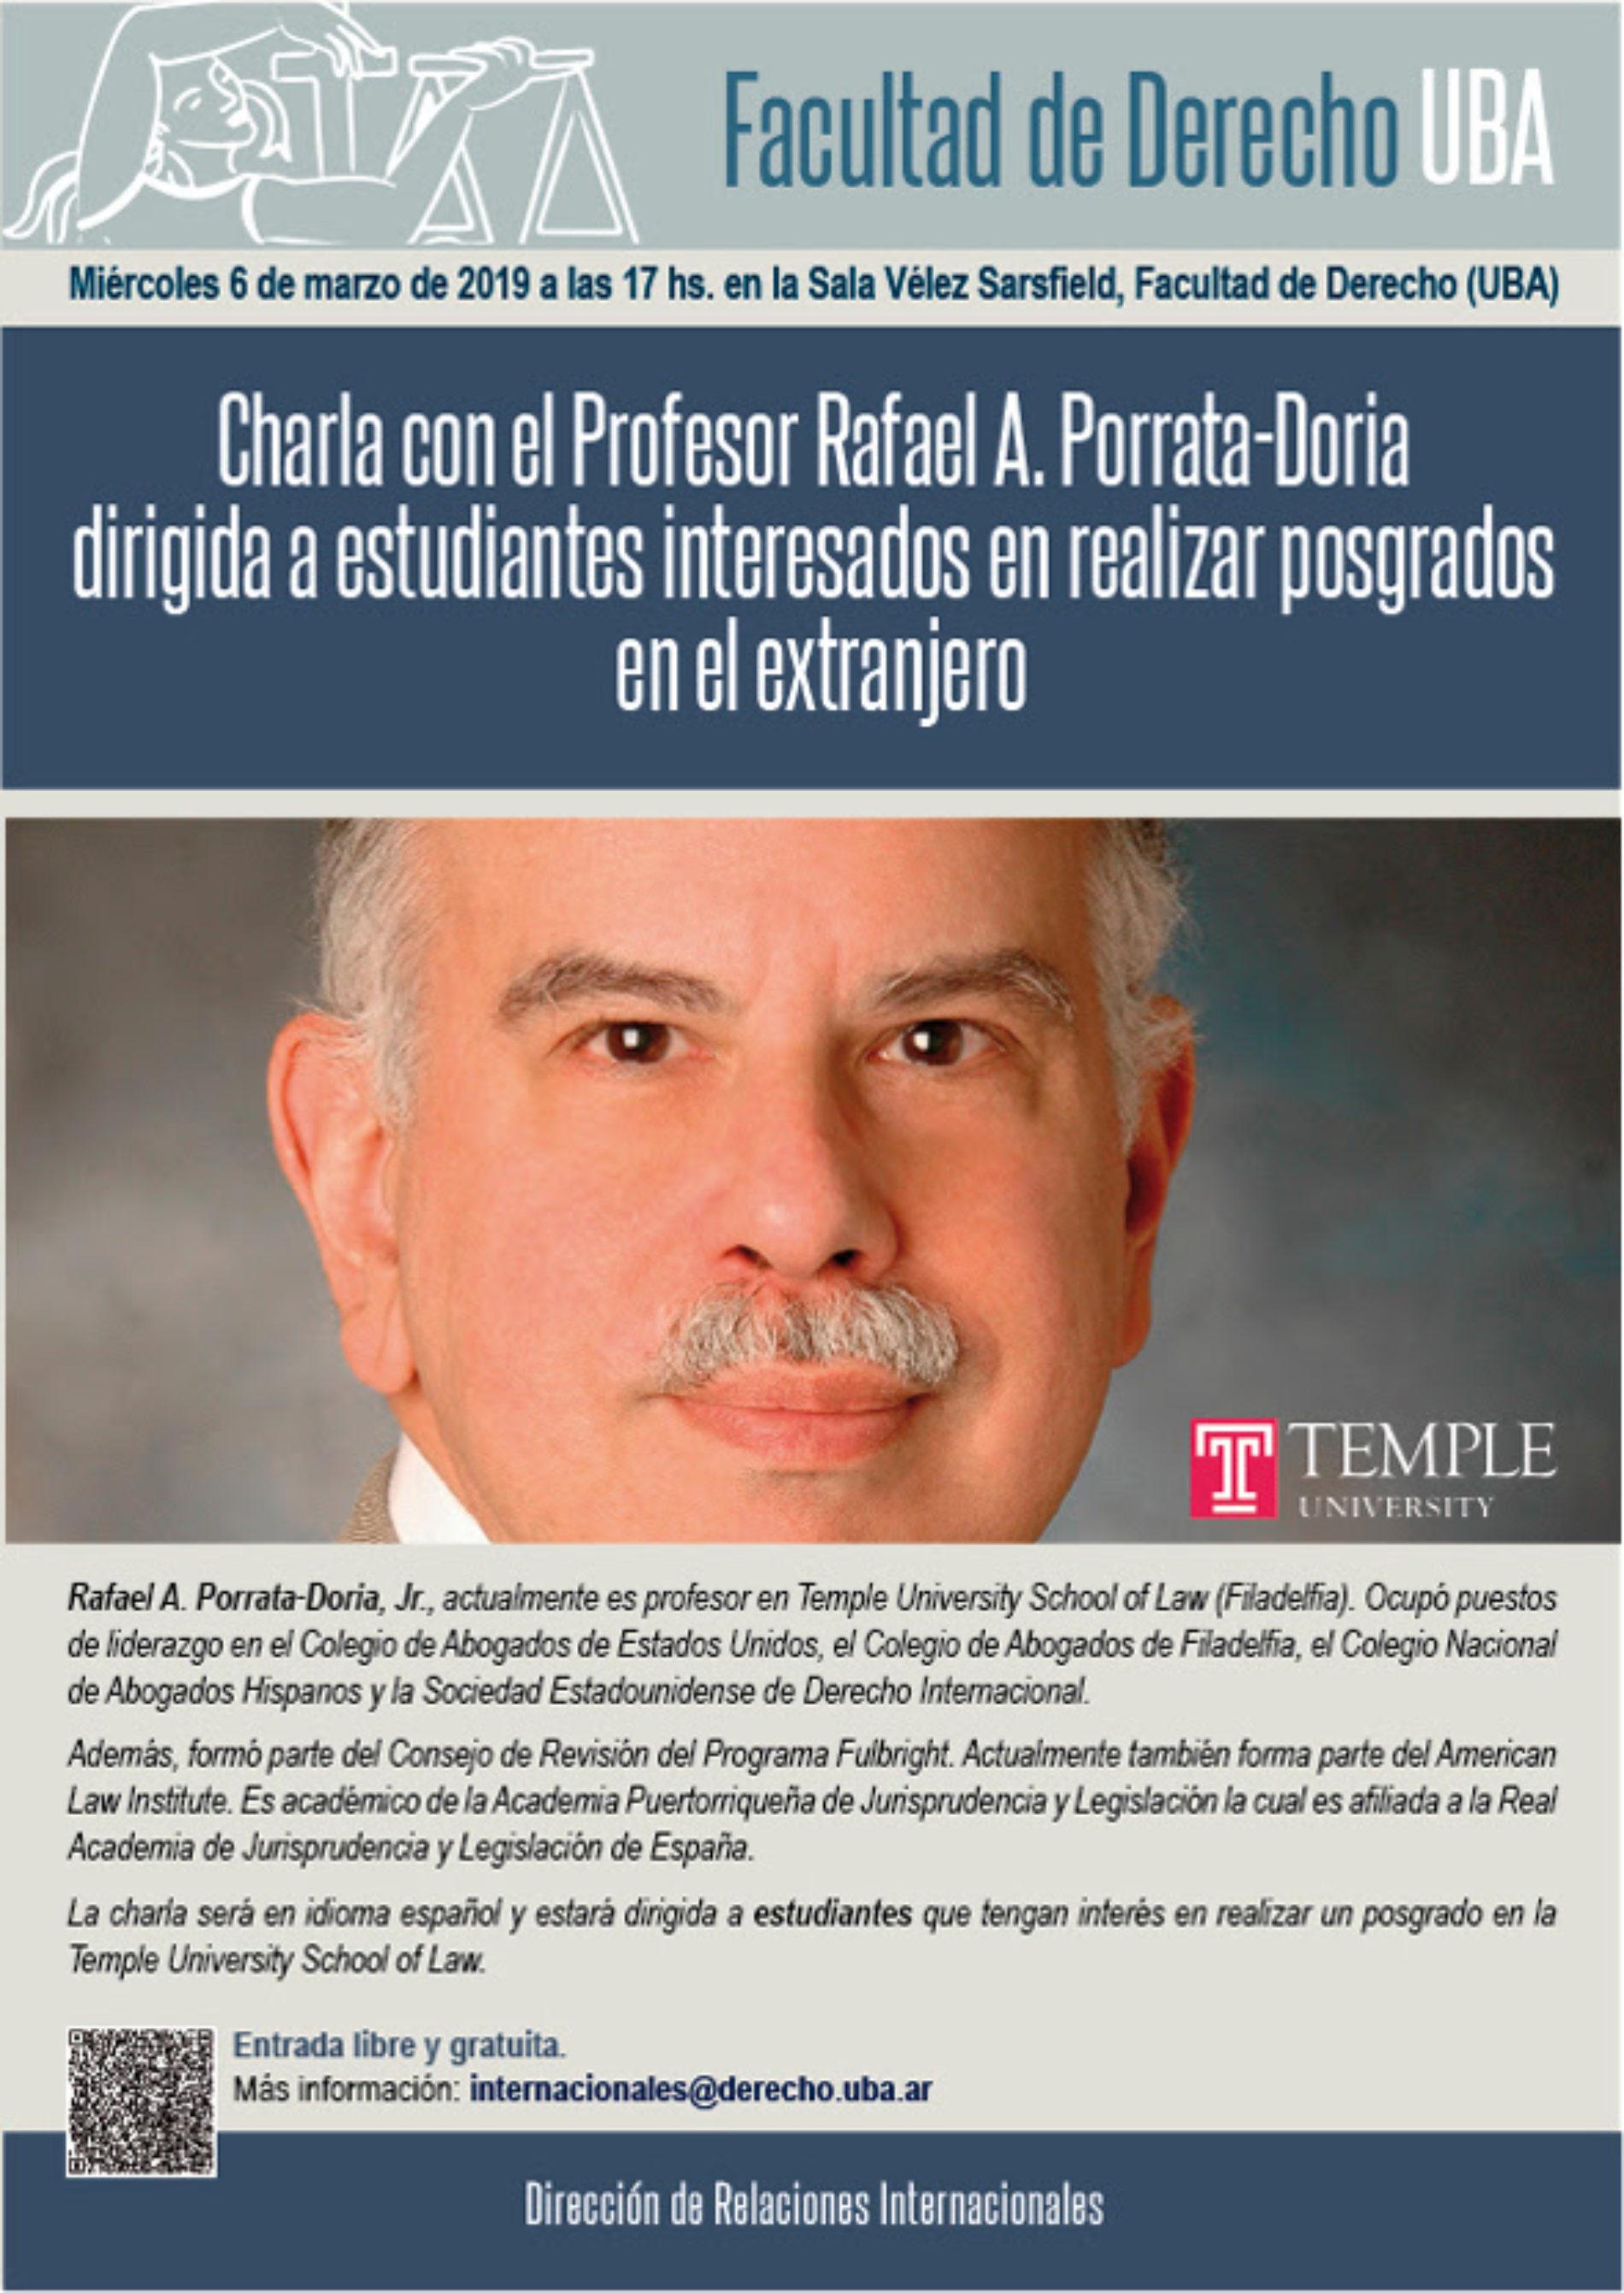 Charla con el Profesor Rafael A. Porrata-Doria dirigida a estudiantes interesados en realizar posgrados en el extranjero.